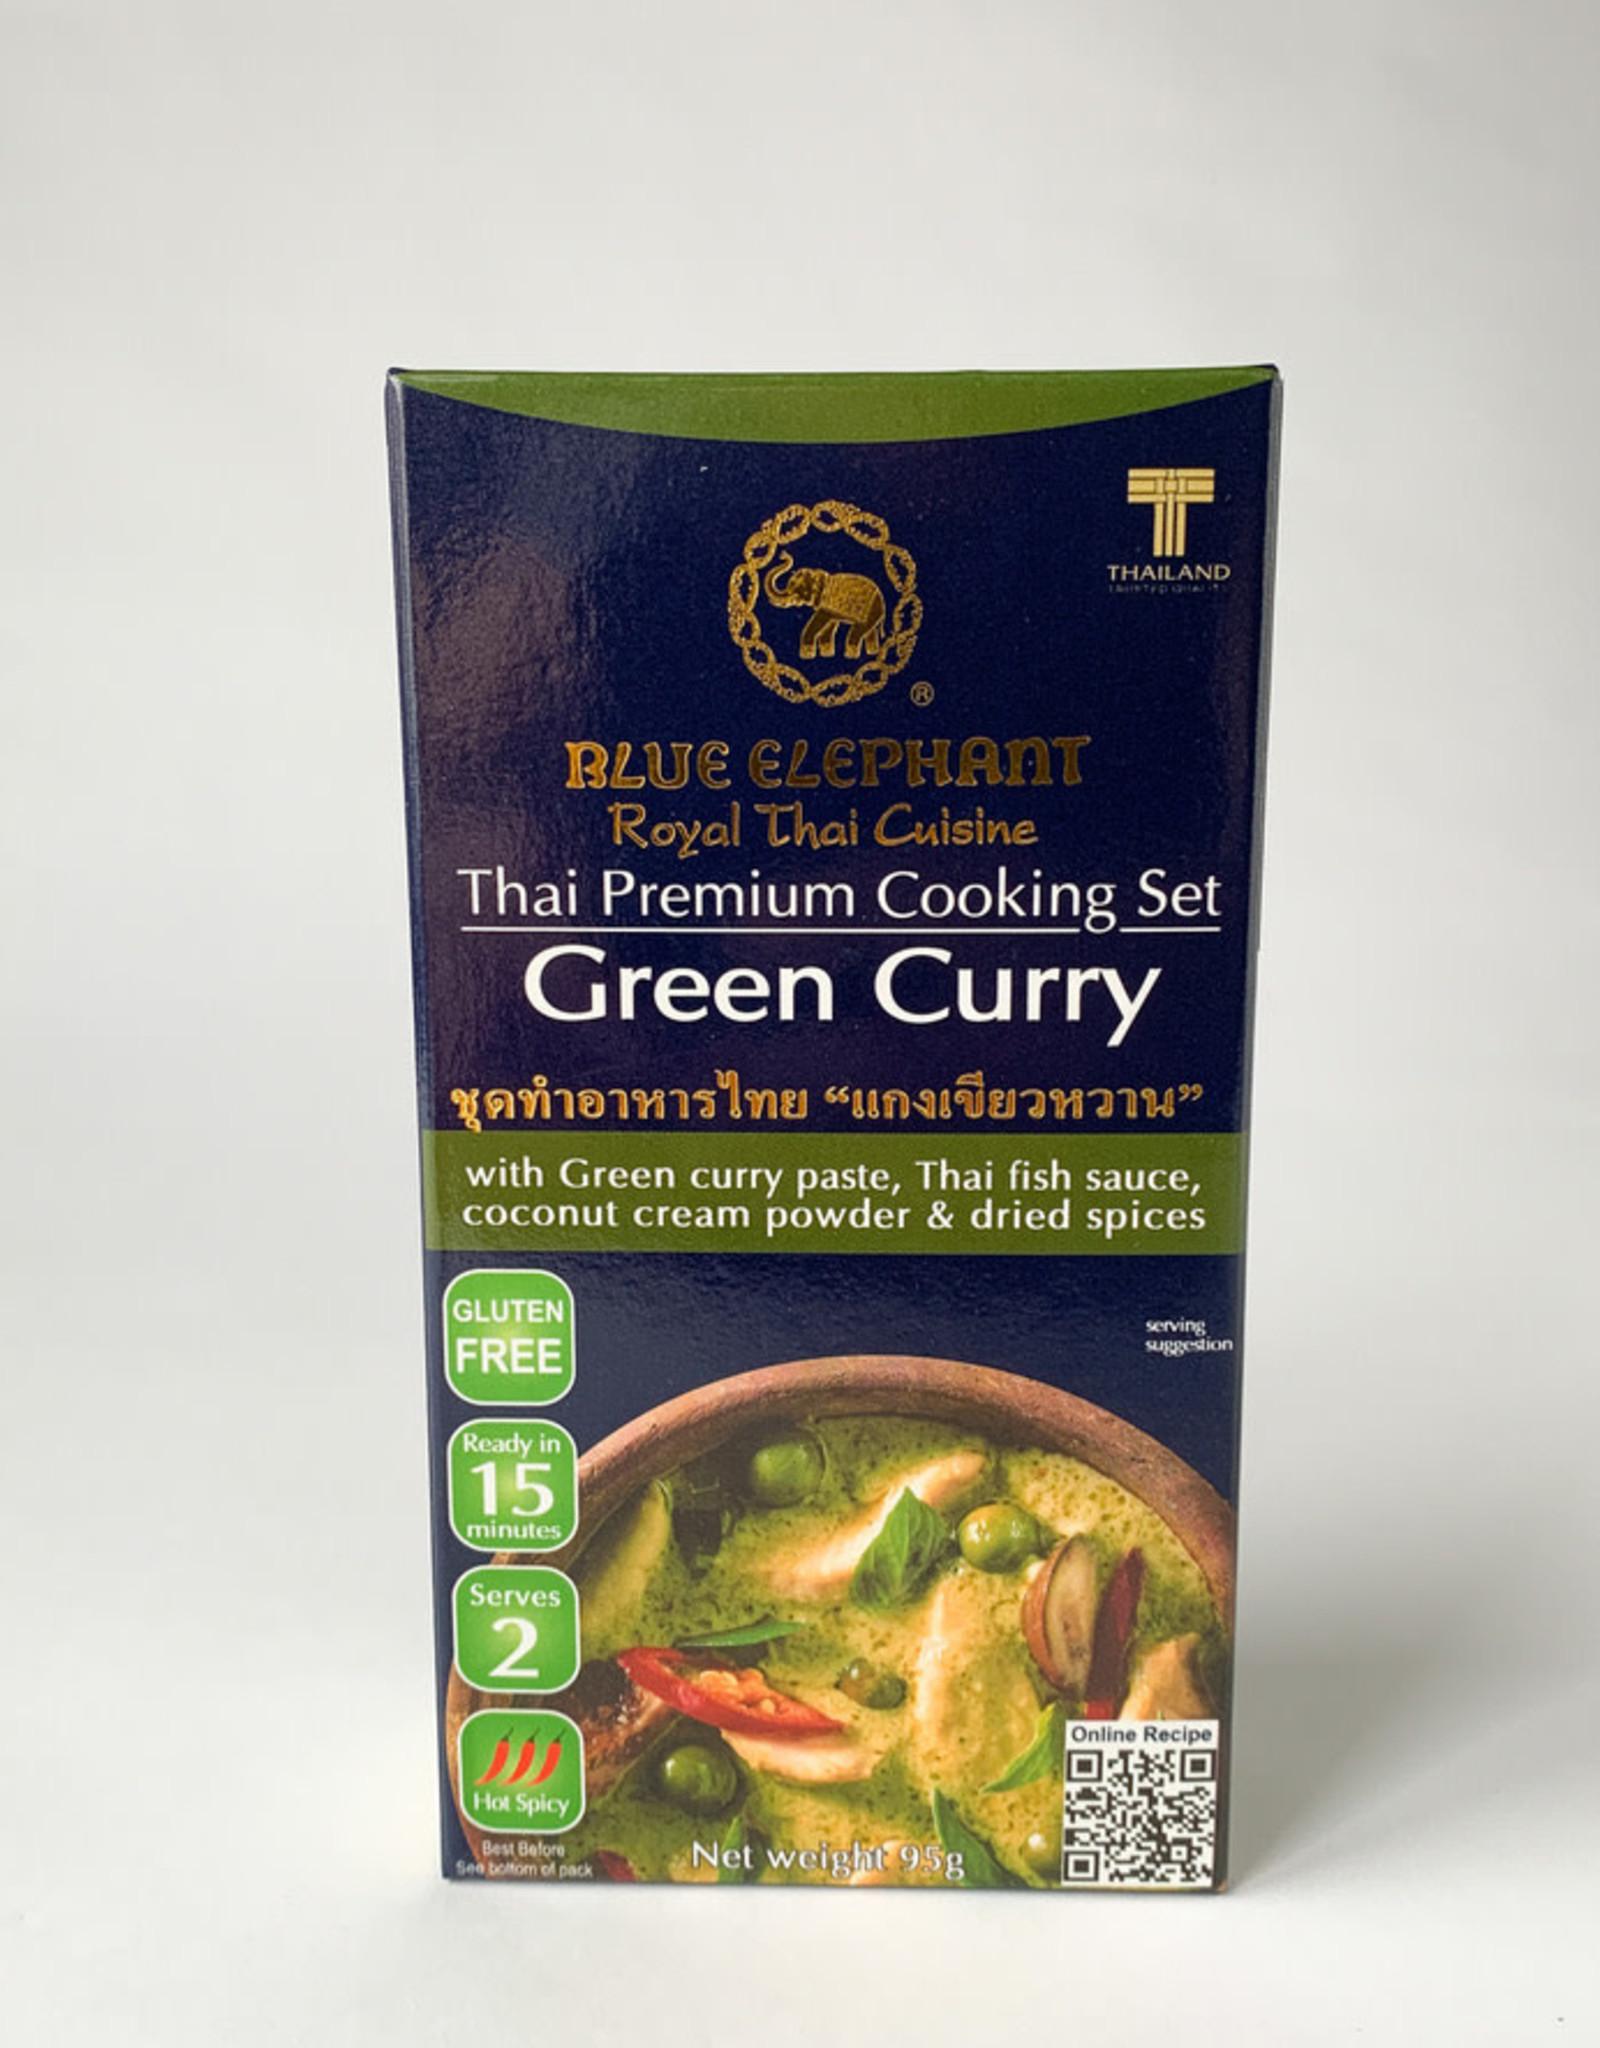 Blue Elephant Blue Elephant Green Curry Kit